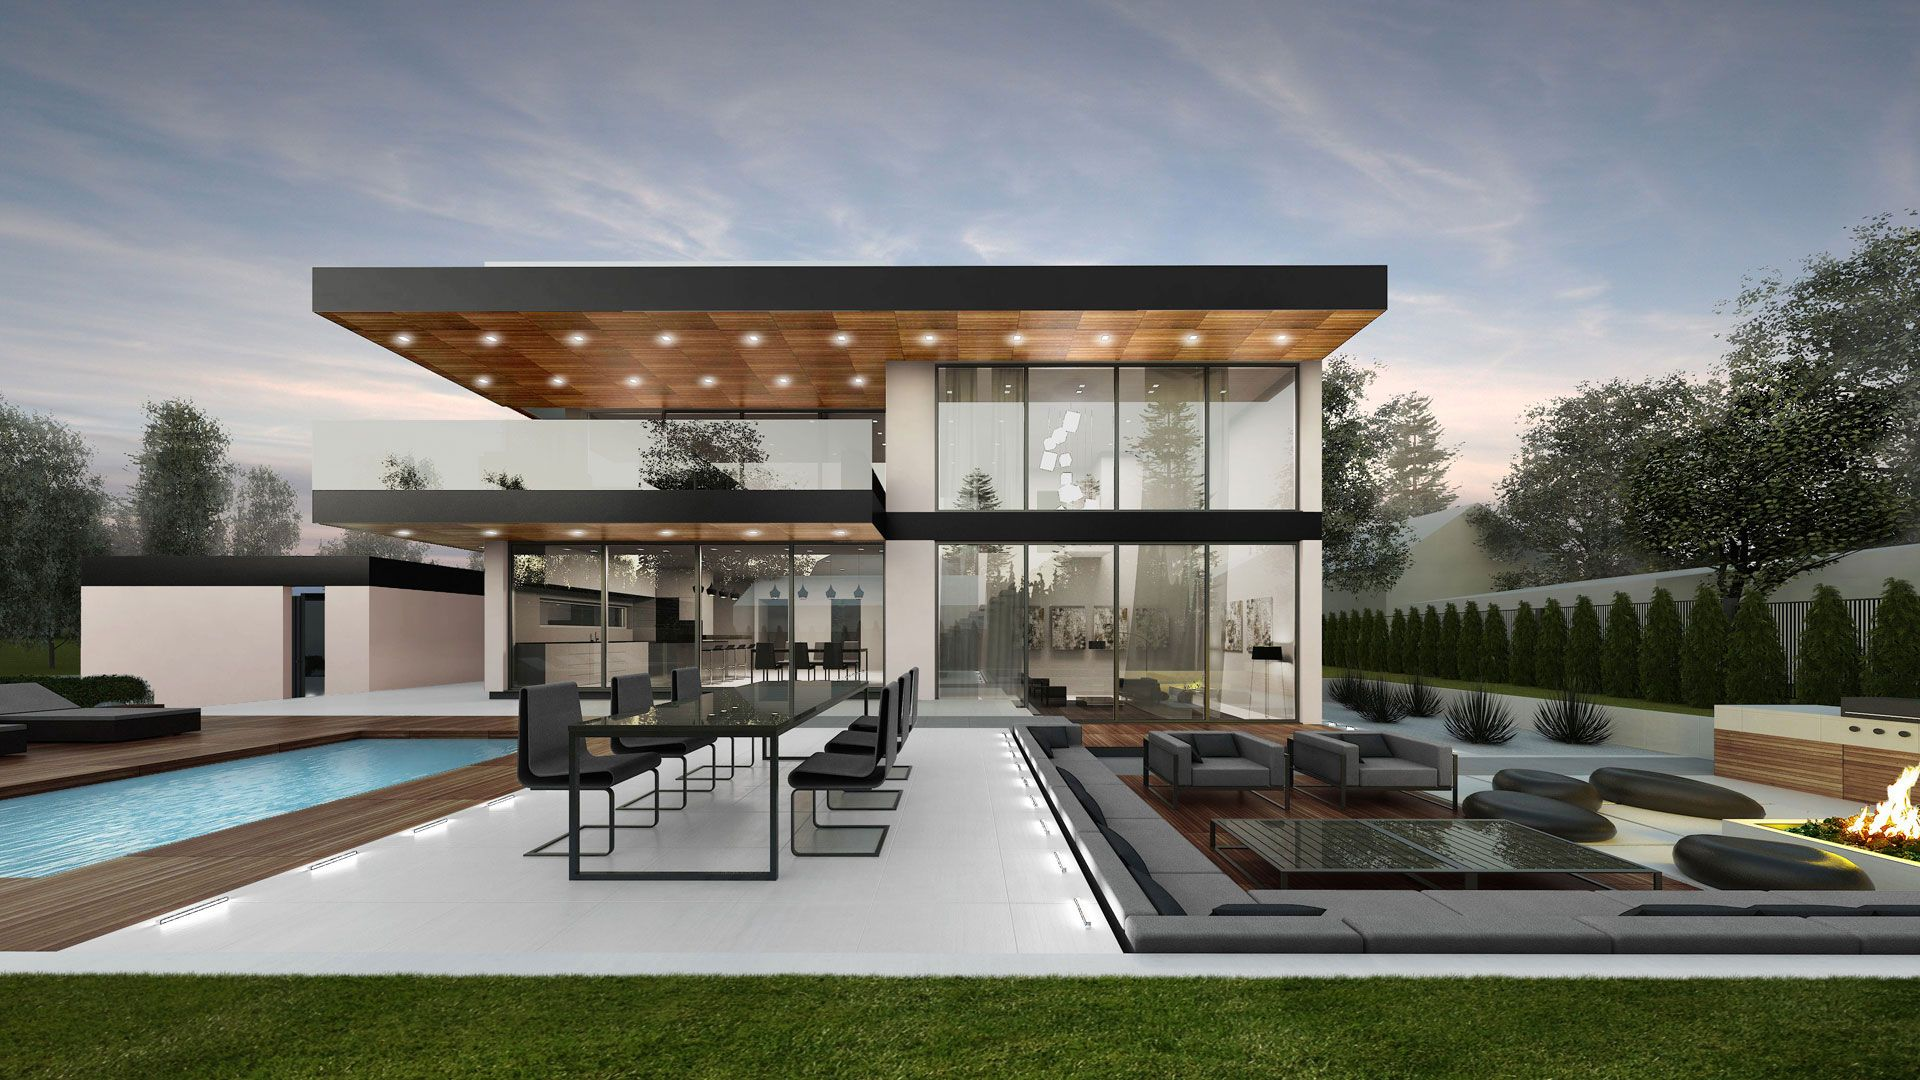 Villa F In Stockholm 1 Modern House Design House Design Home Building Design